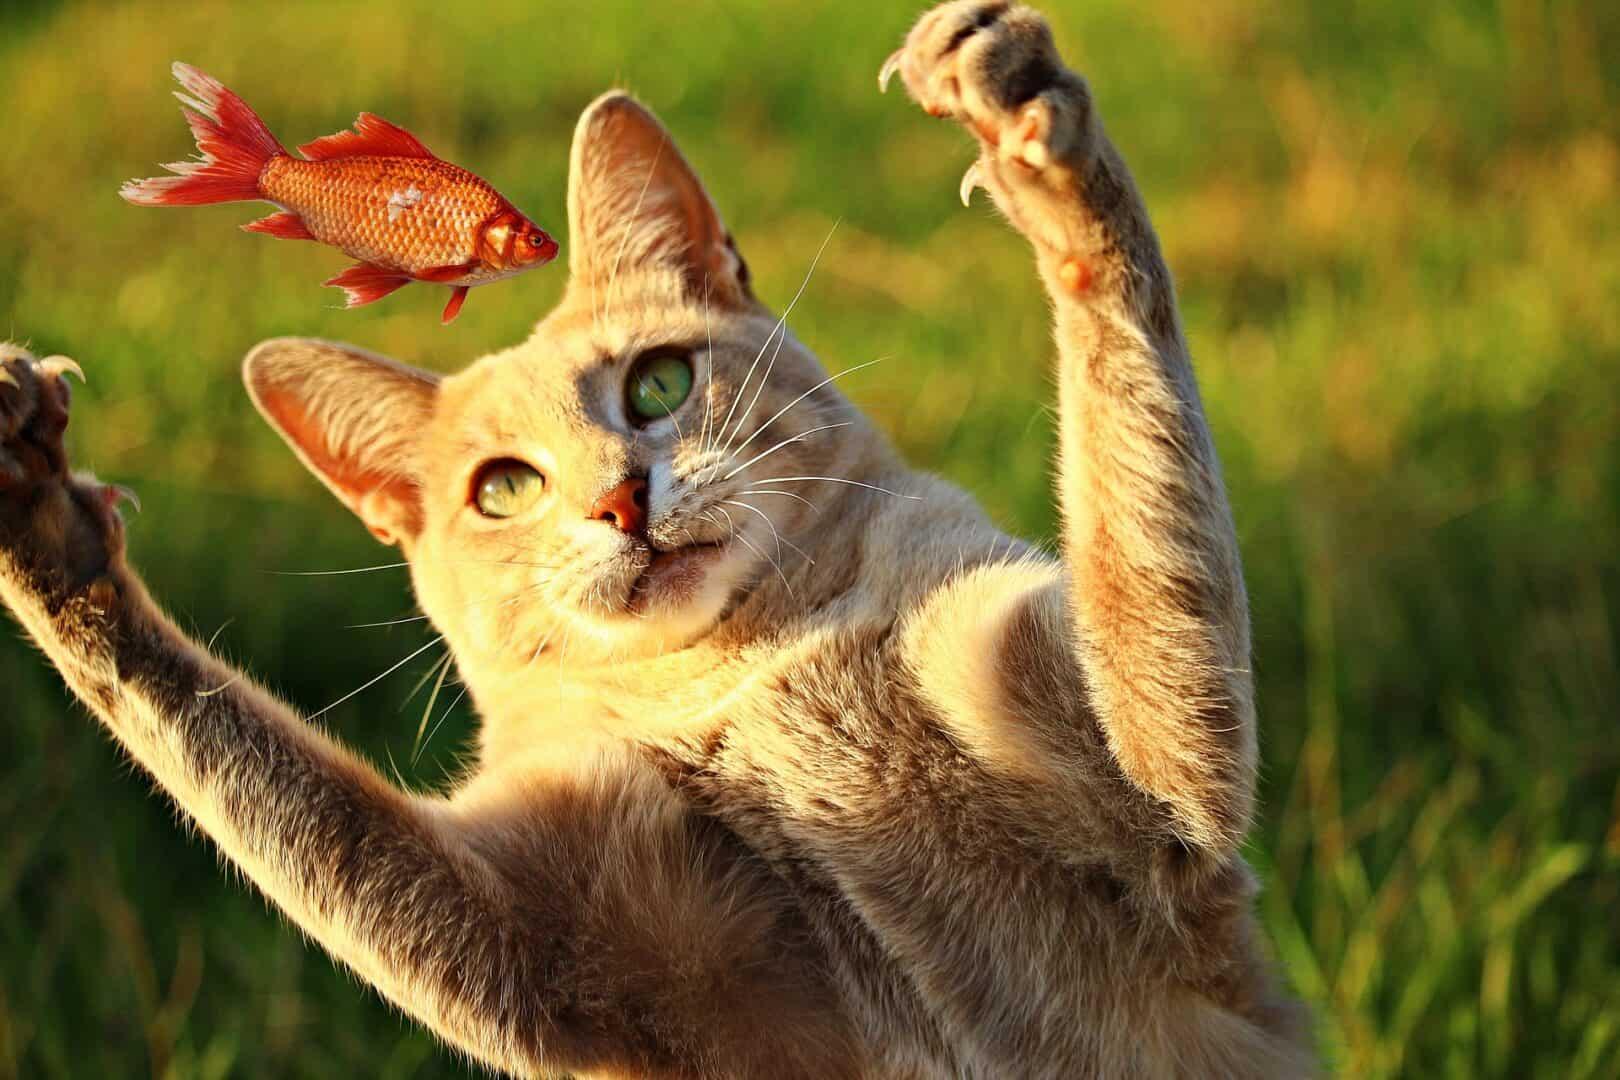 Die Katze auf dem Schoss und der Fisch in der Pfanne